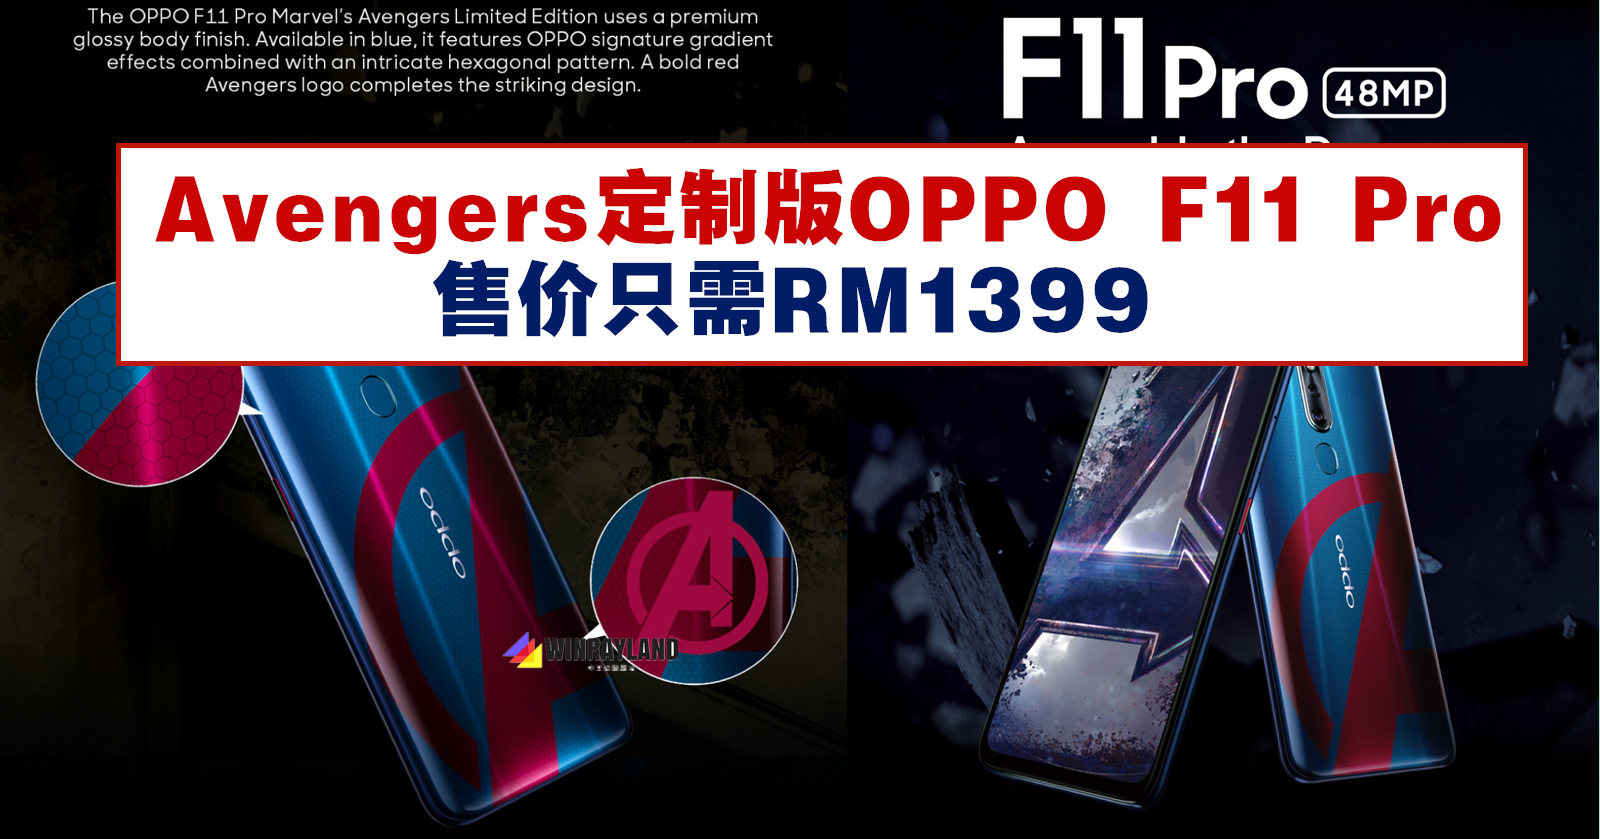 Avengers定制版的OPPO F11 Pro